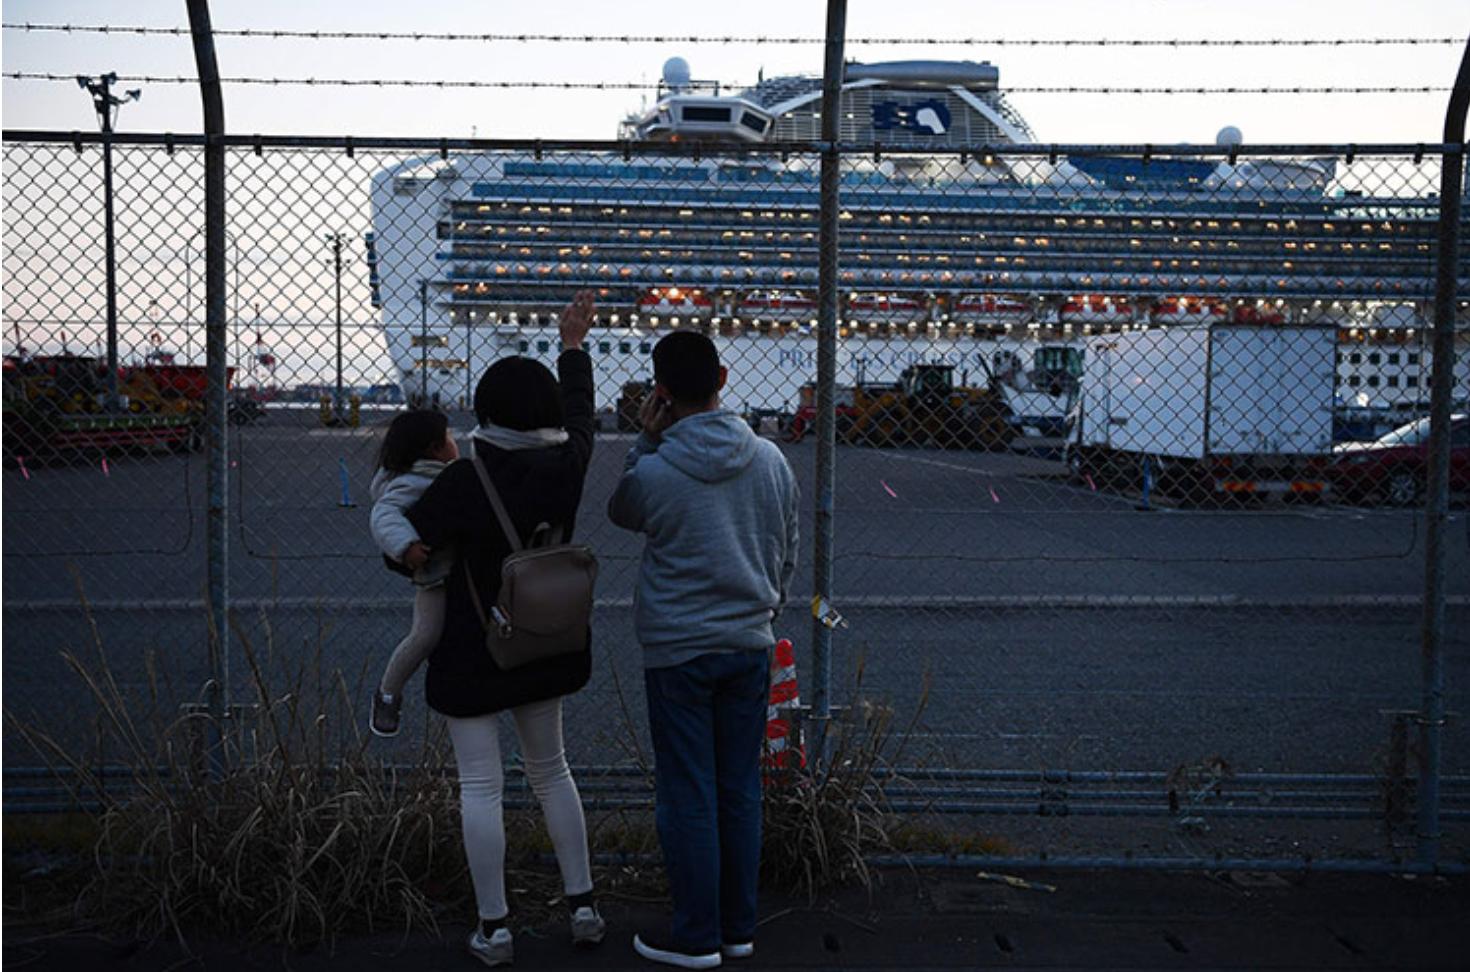 Thêm một du thuyền ngàn người  mắc kẹt trên biển vì Covid-19